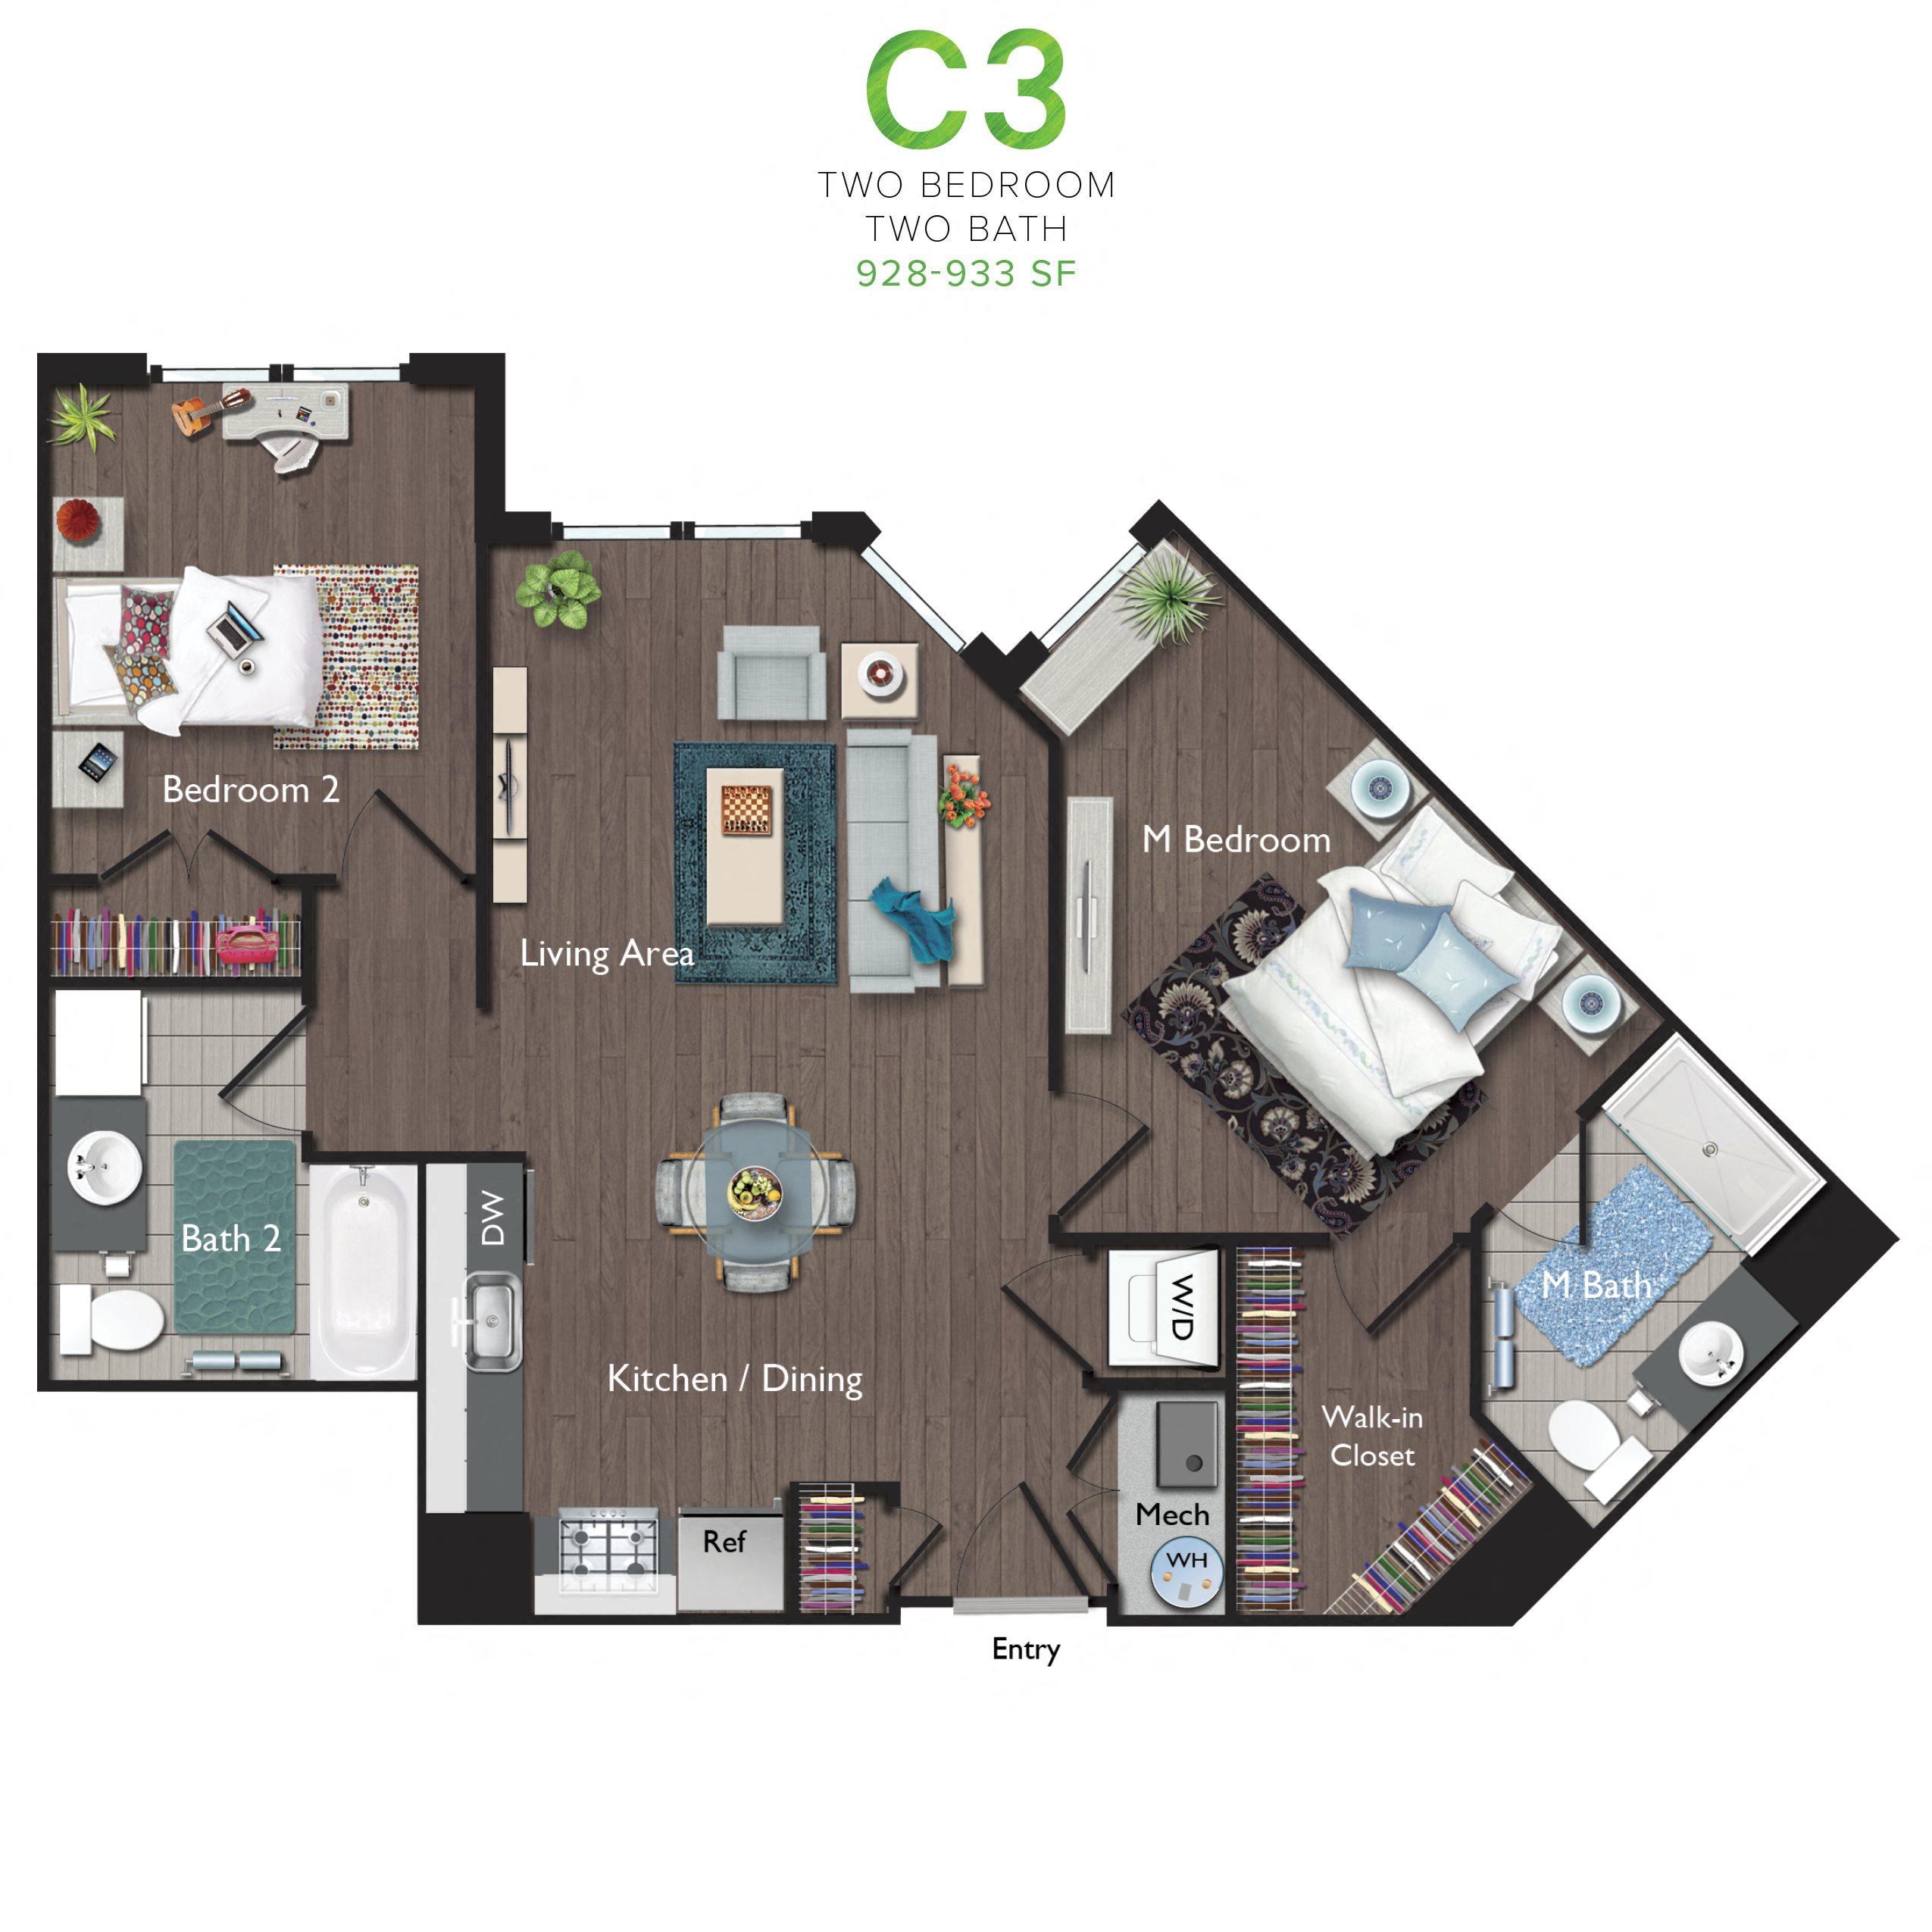 Two Bedrooms/Two Bathrooms (C03) Floor Plan 9